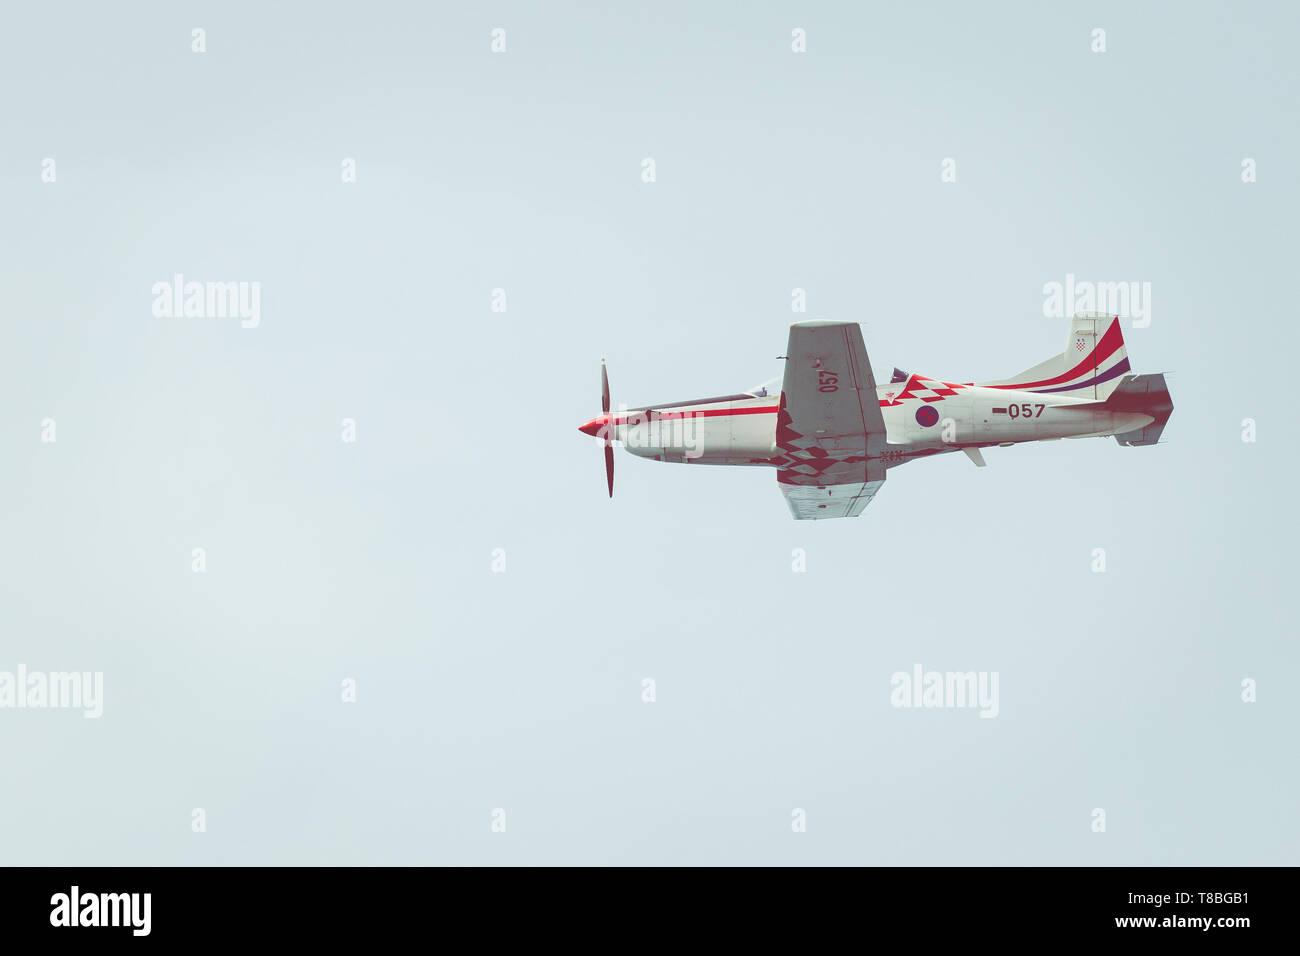 ZADAR,CROATIA - APRIL 26, 2019: The Wings of Storm aerobatic display team. Stock Photo